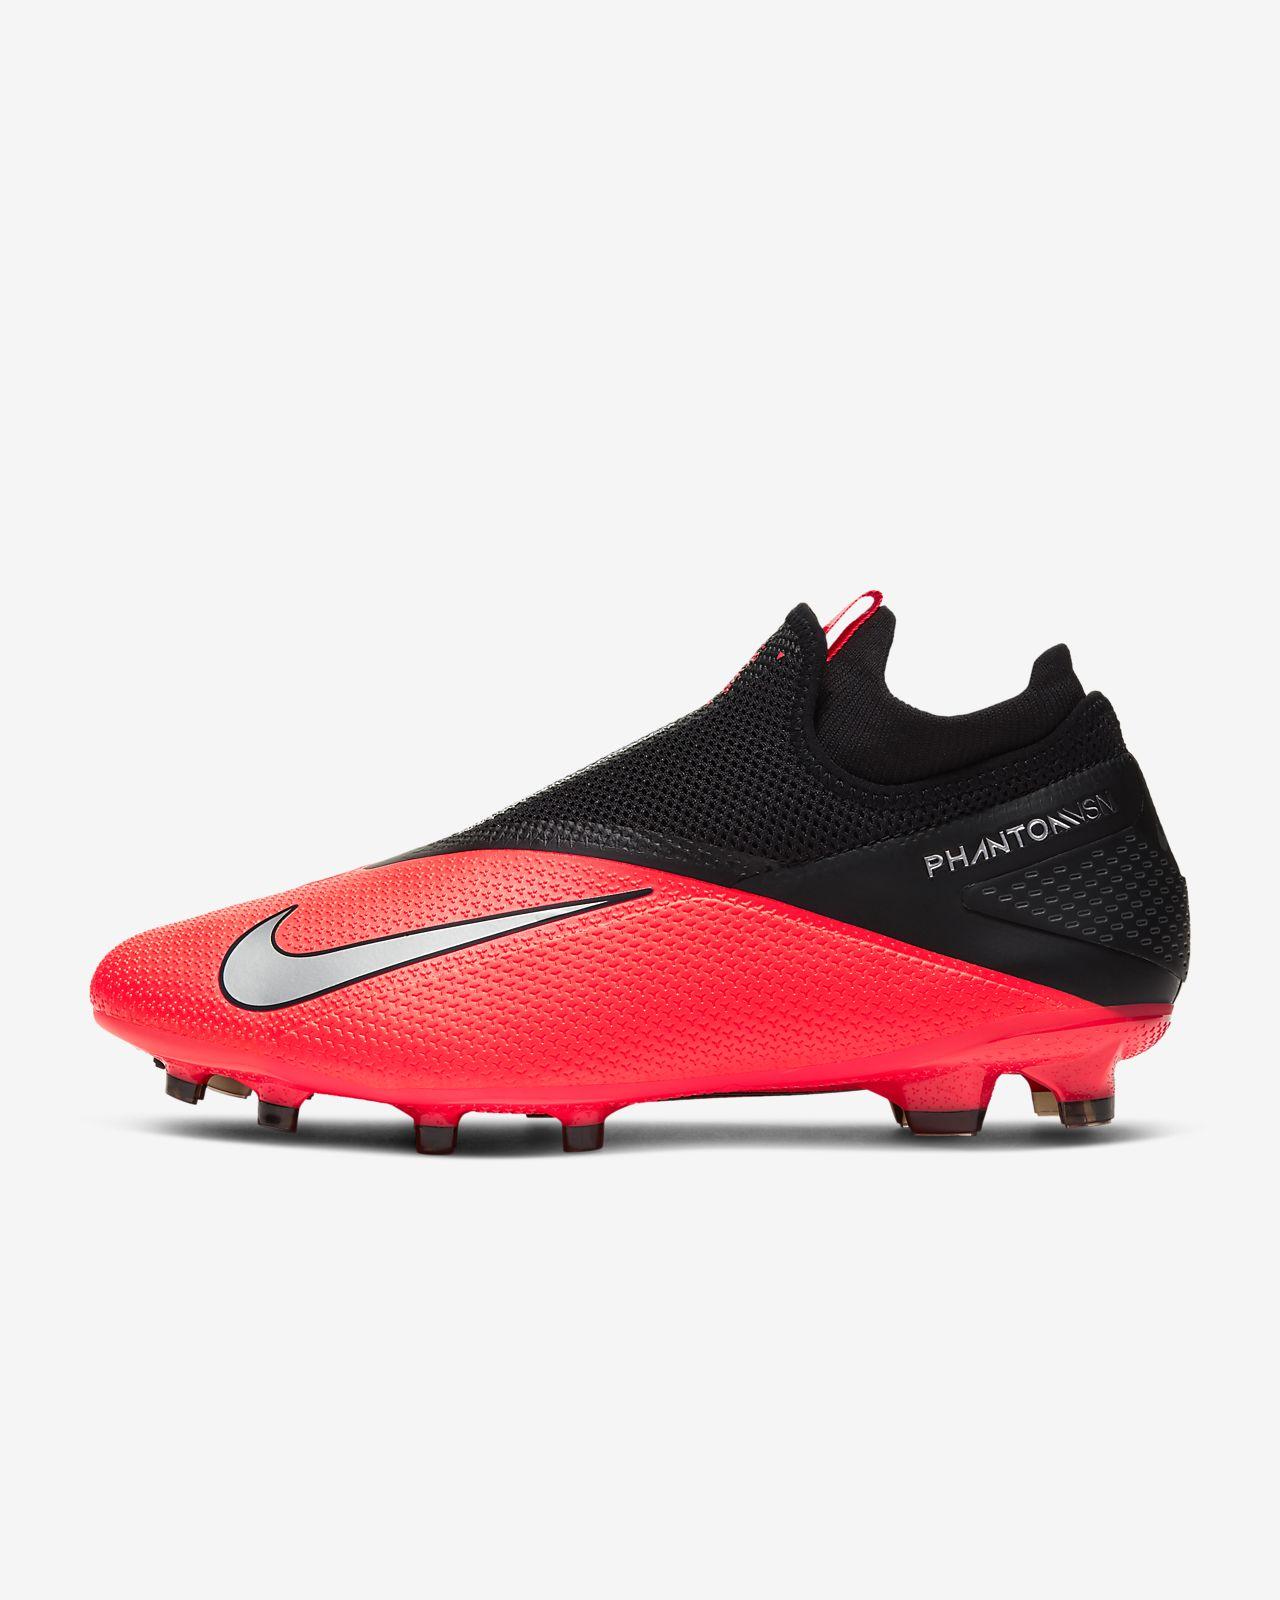 Nike Phantom Vision 2 Pro Dynamic Fit FG Fußballschuh für normalen Rasen